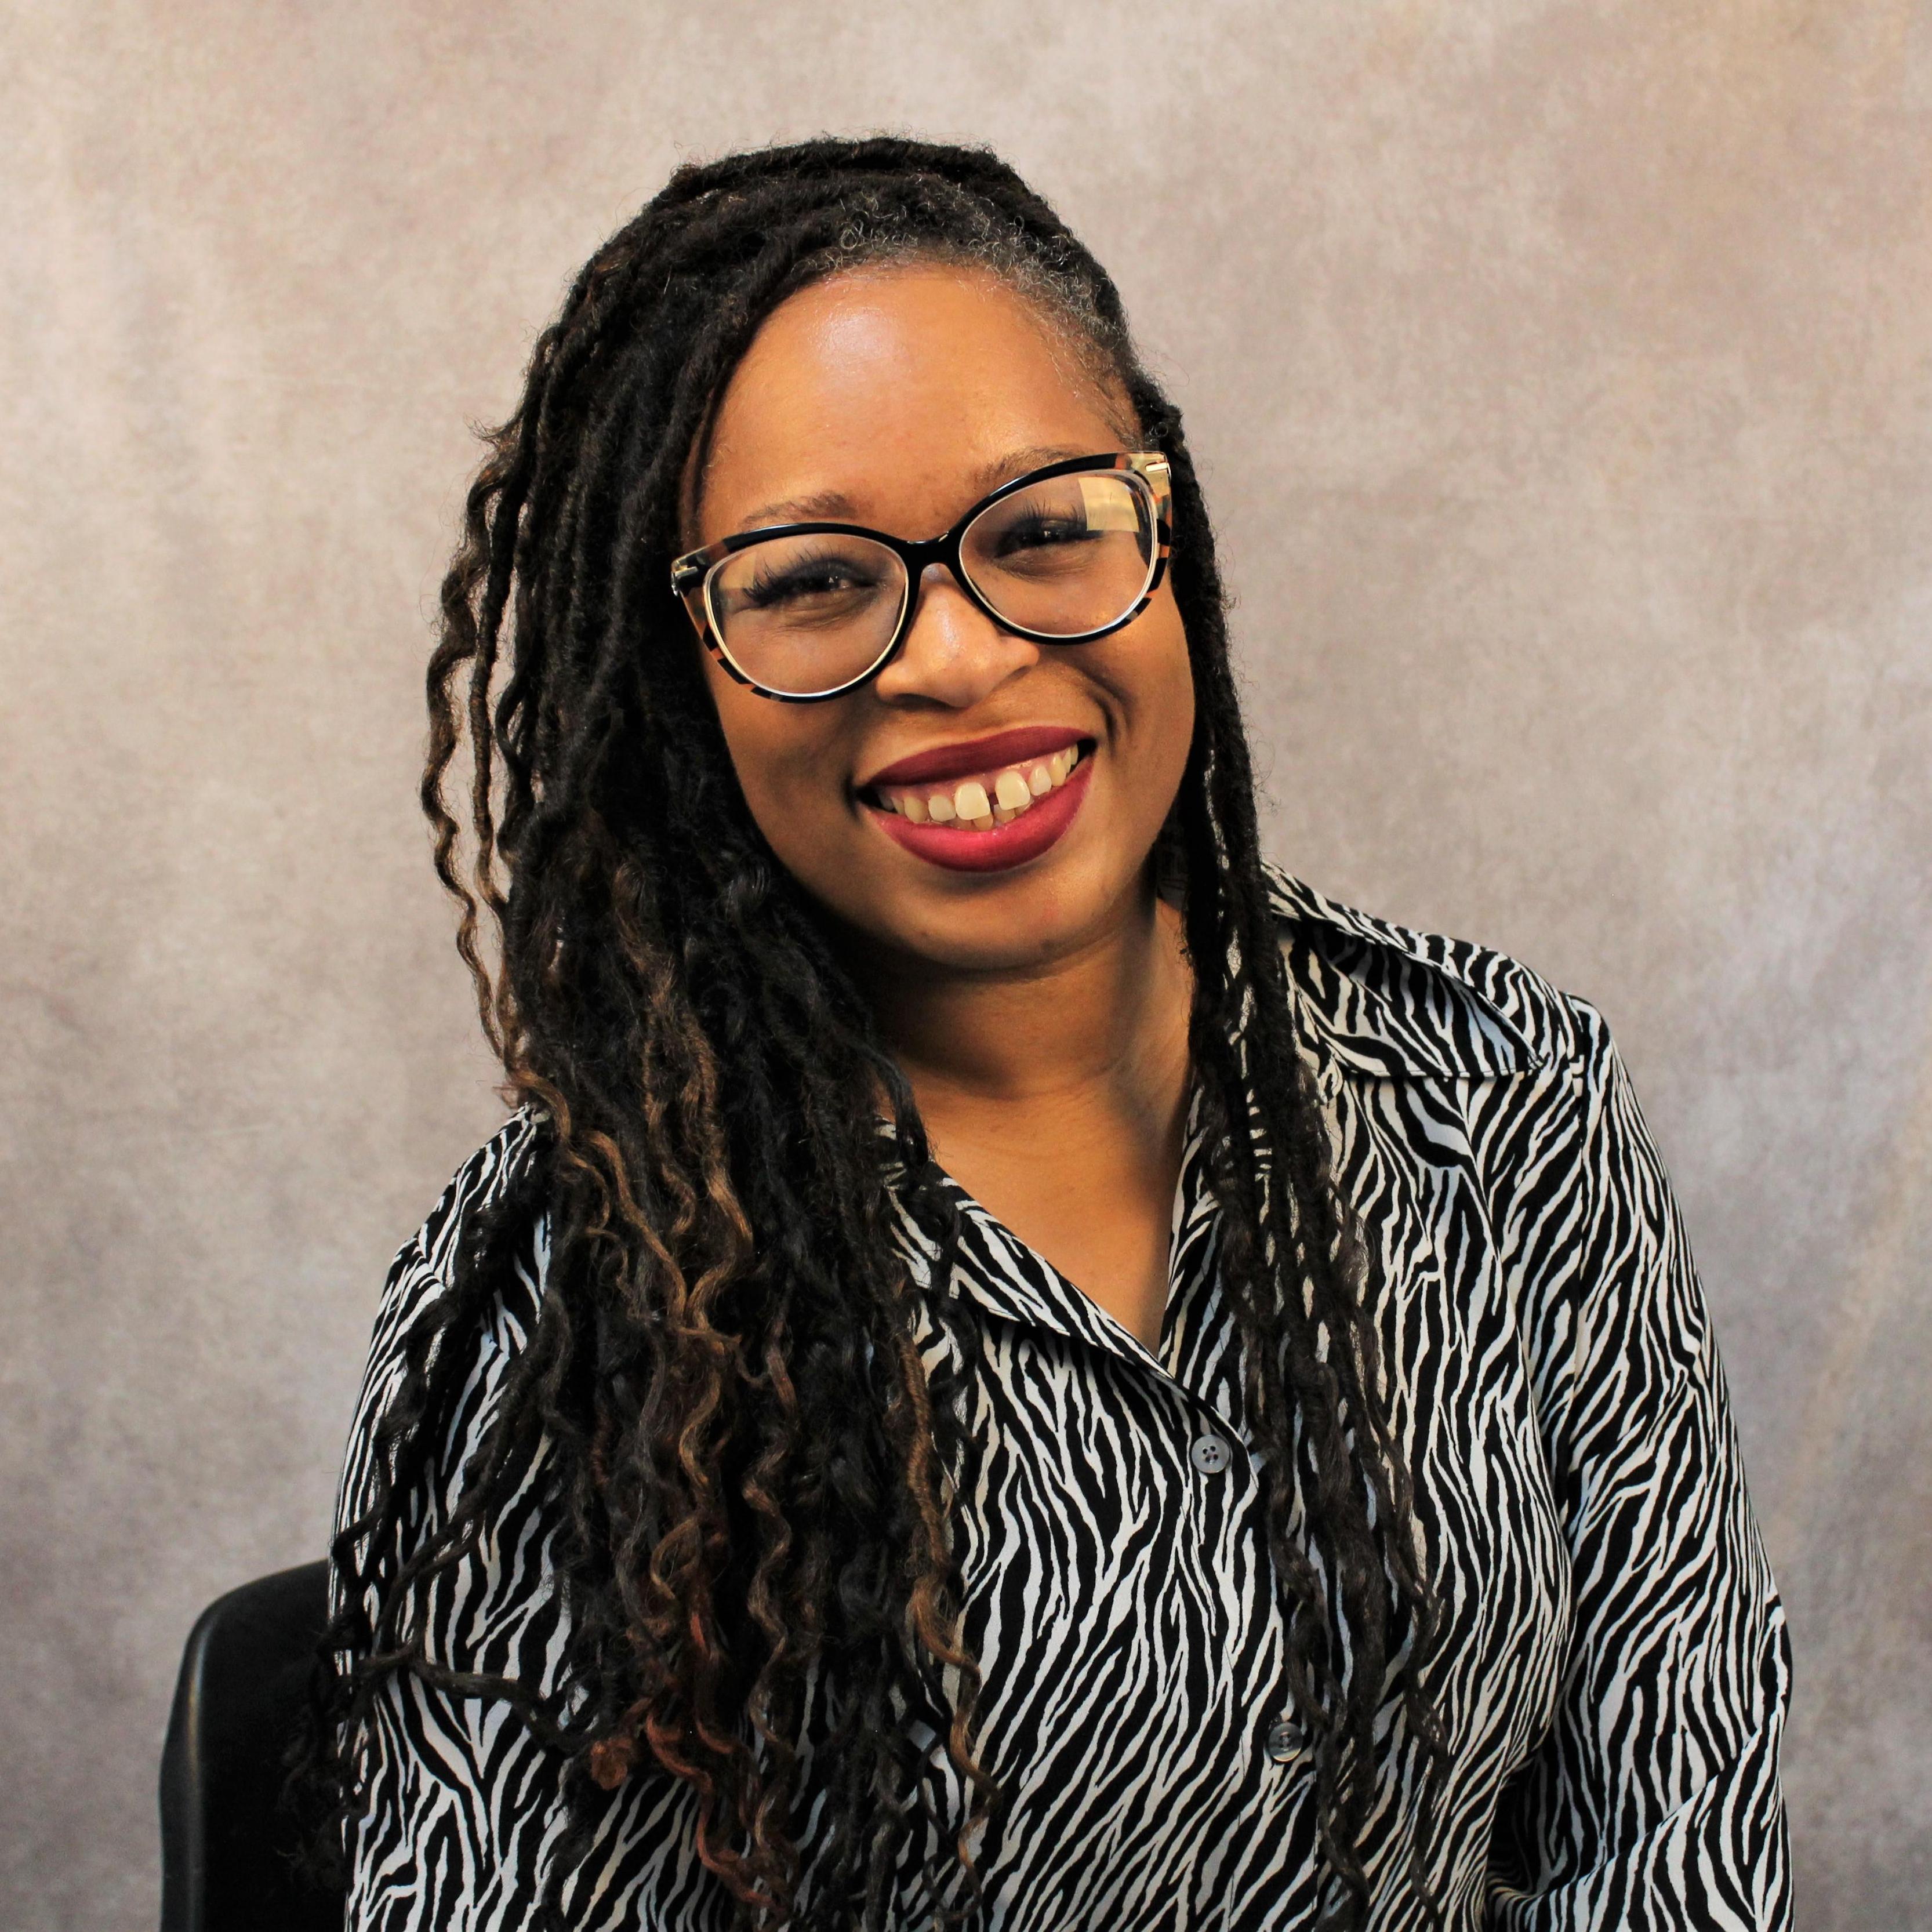 Chanique Leggins's Profile Photo